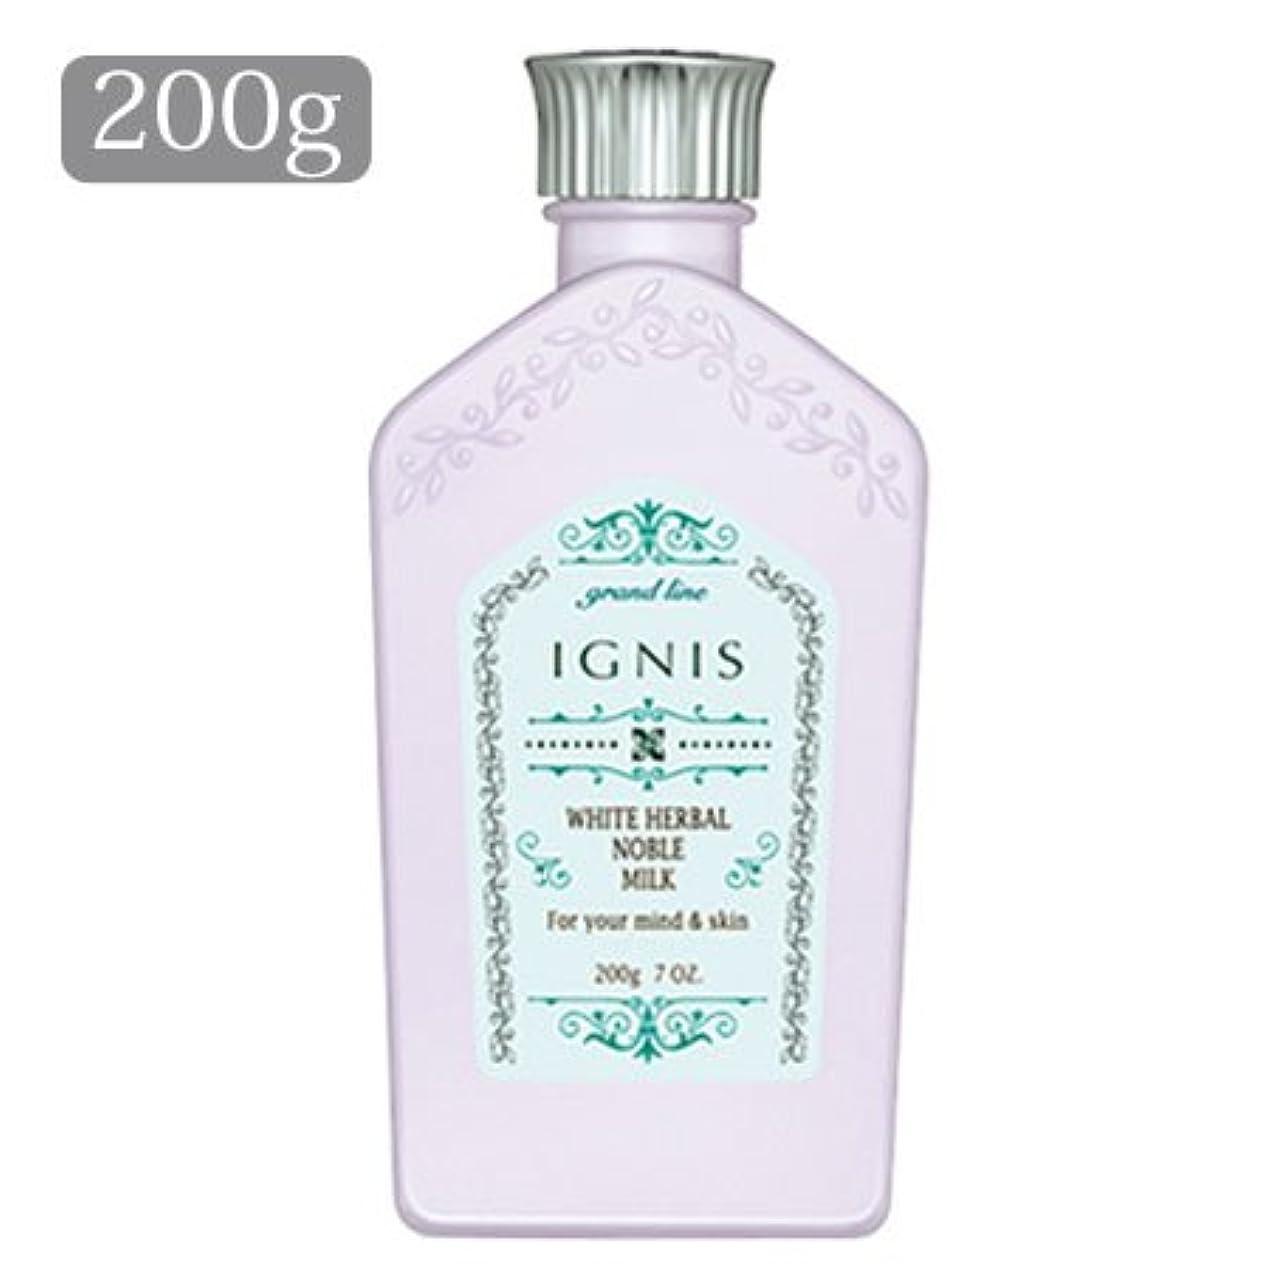 堤防回復単語イグニス ホワイトハーバル ノーブル ミルク 200g -IGNIS-